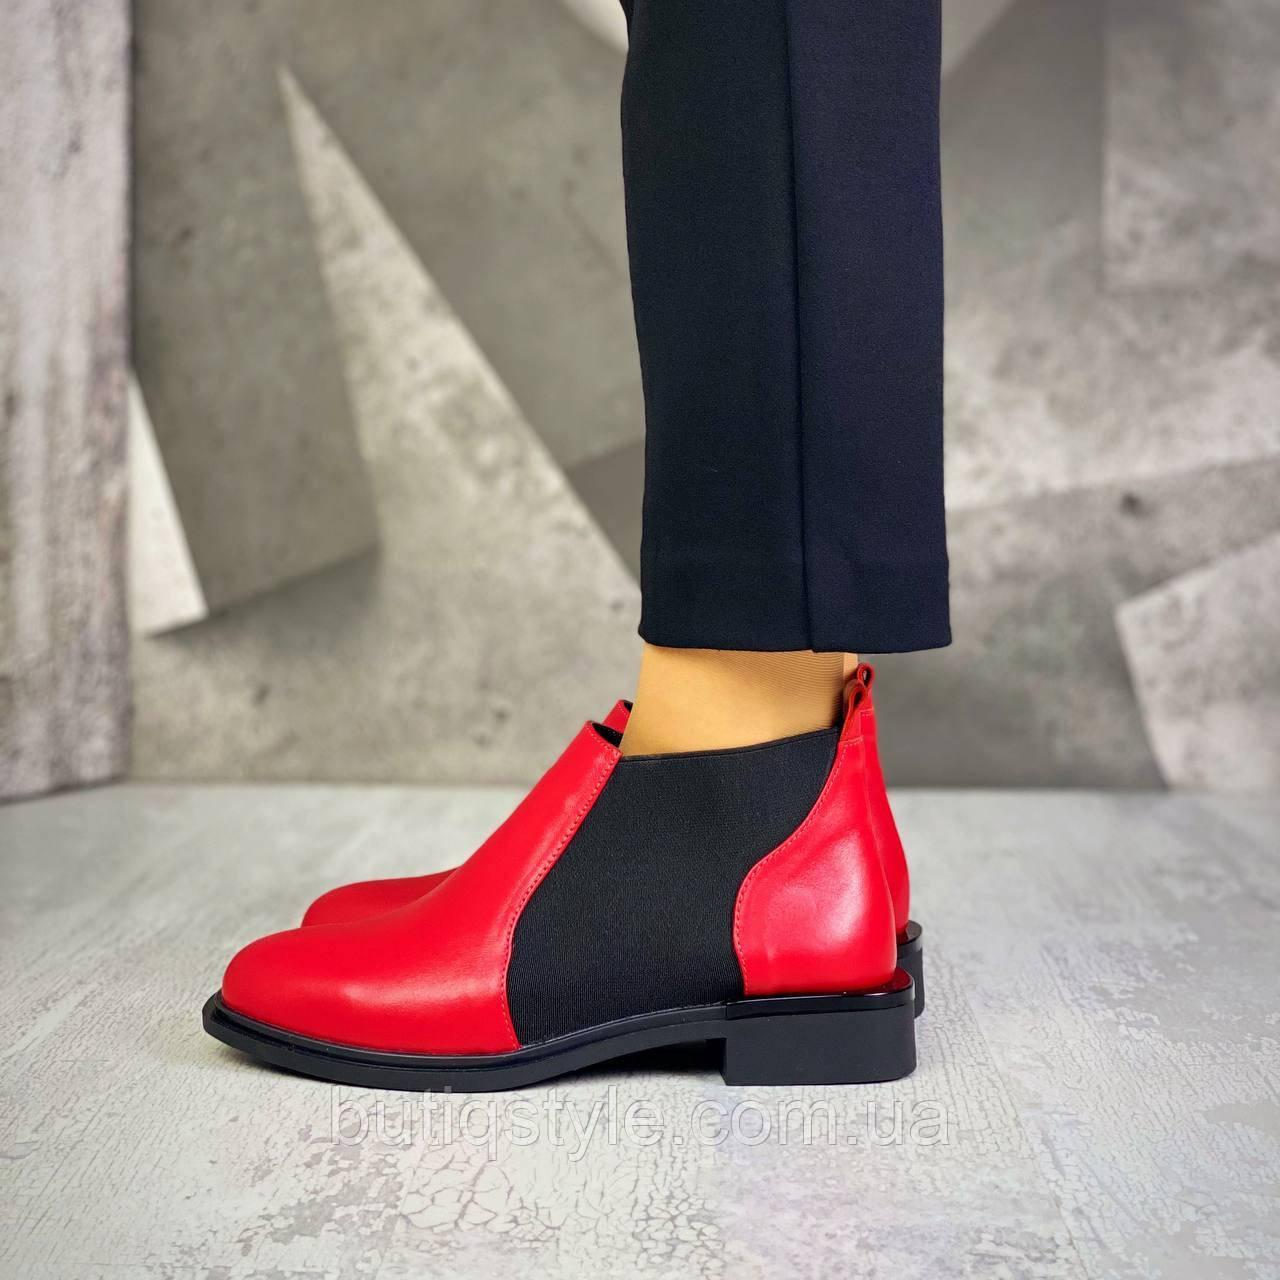 Жіночі червоні чоботи натуральна шкіра на резинці Демі